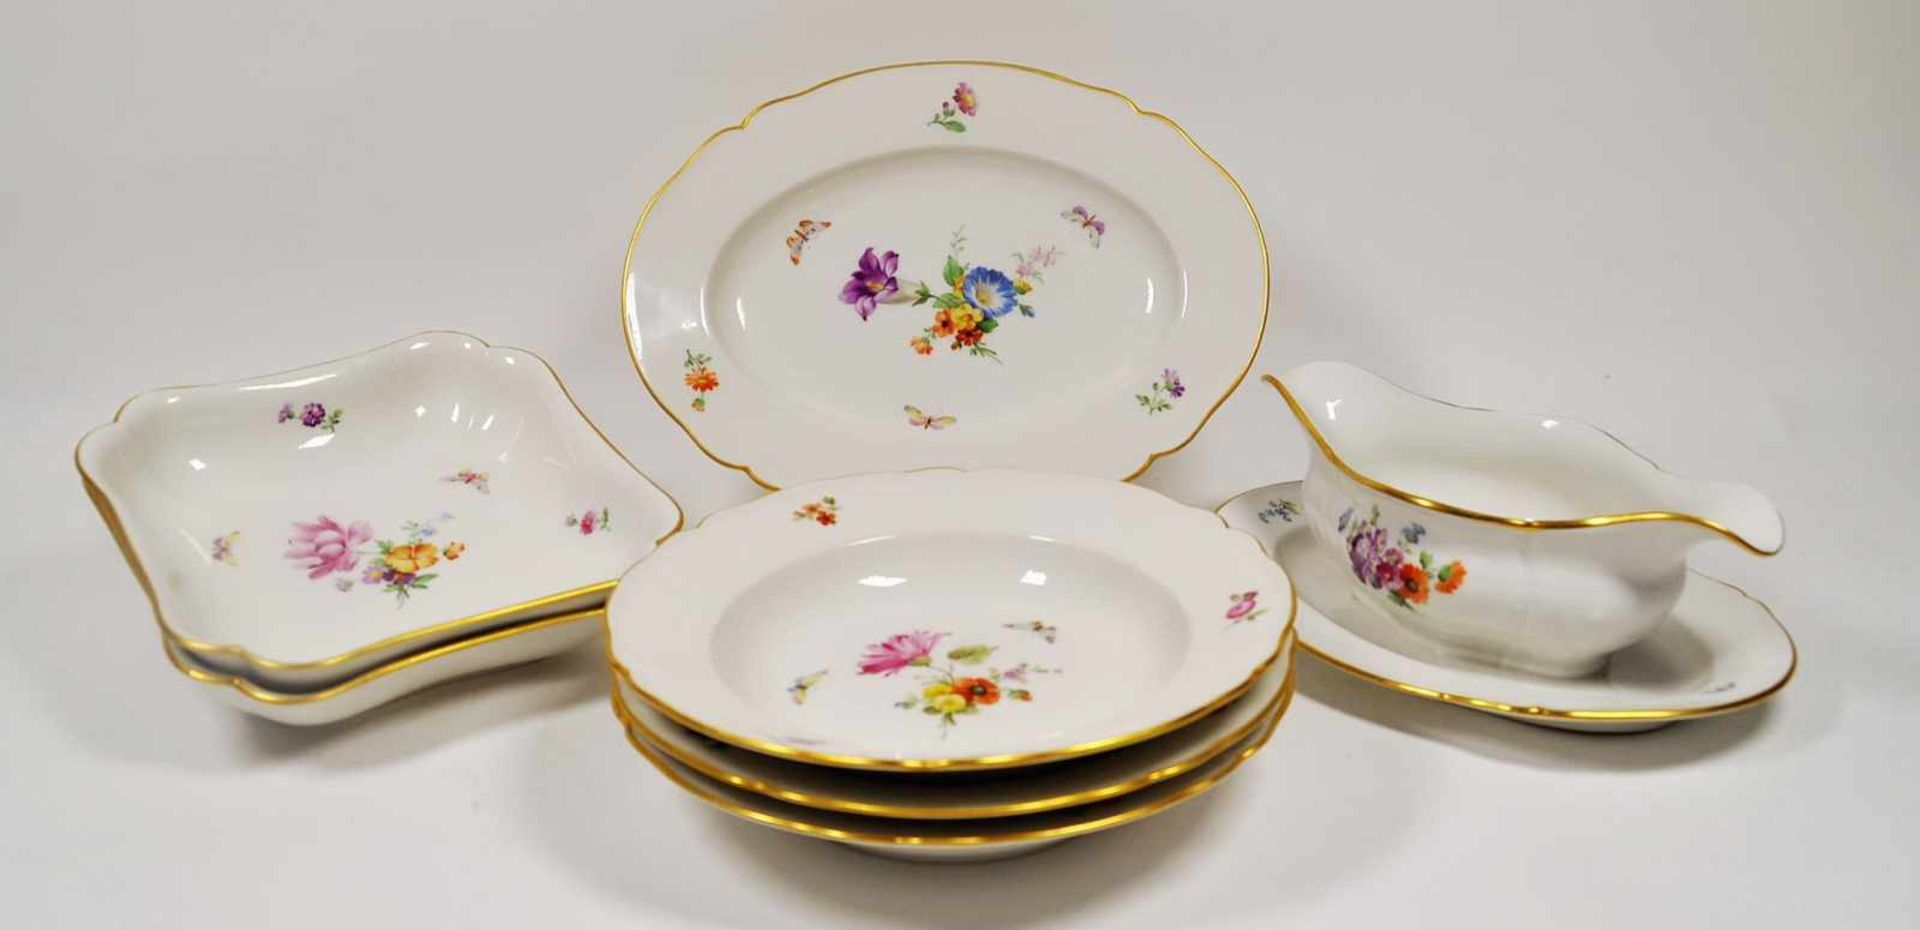 Los 19 - Speiseservice, KPM um 1900,Blumenbouquet, 29 Teile best. aus 12 Suppenteller, 6 Vorspeisenteller,